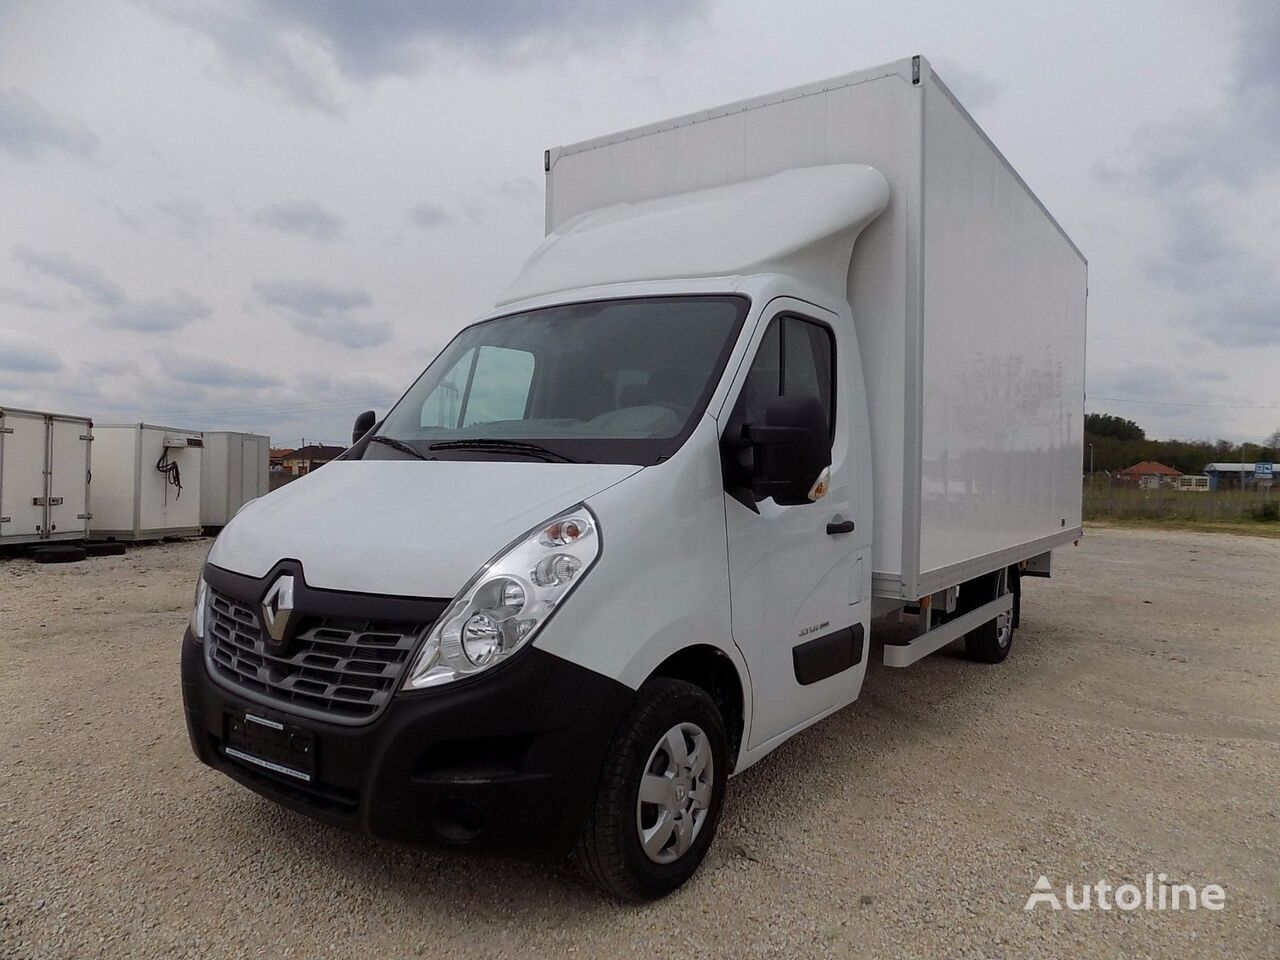 καινούριο μίνι φορτηγό κόφα VOLKSWAGEN Crafter XLH2, 15,6m3, 136Ps